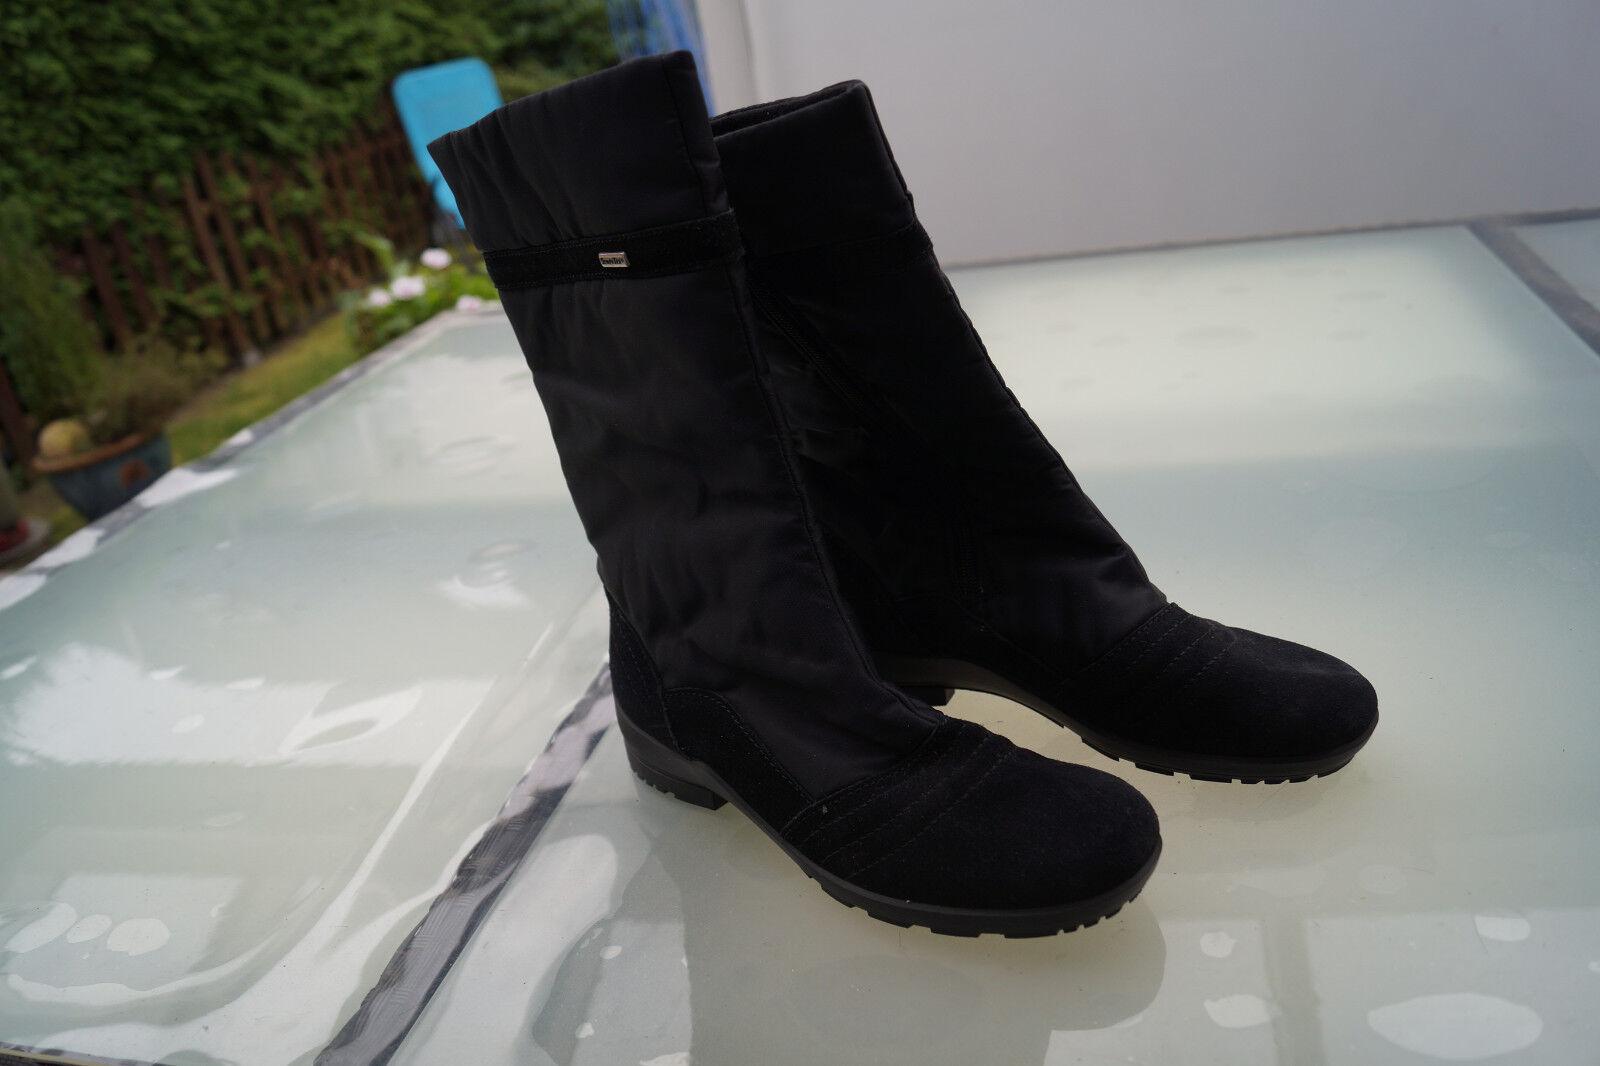 Rohde SympaTex señora invierno zapatos acolchada botas negro, como nuevo k